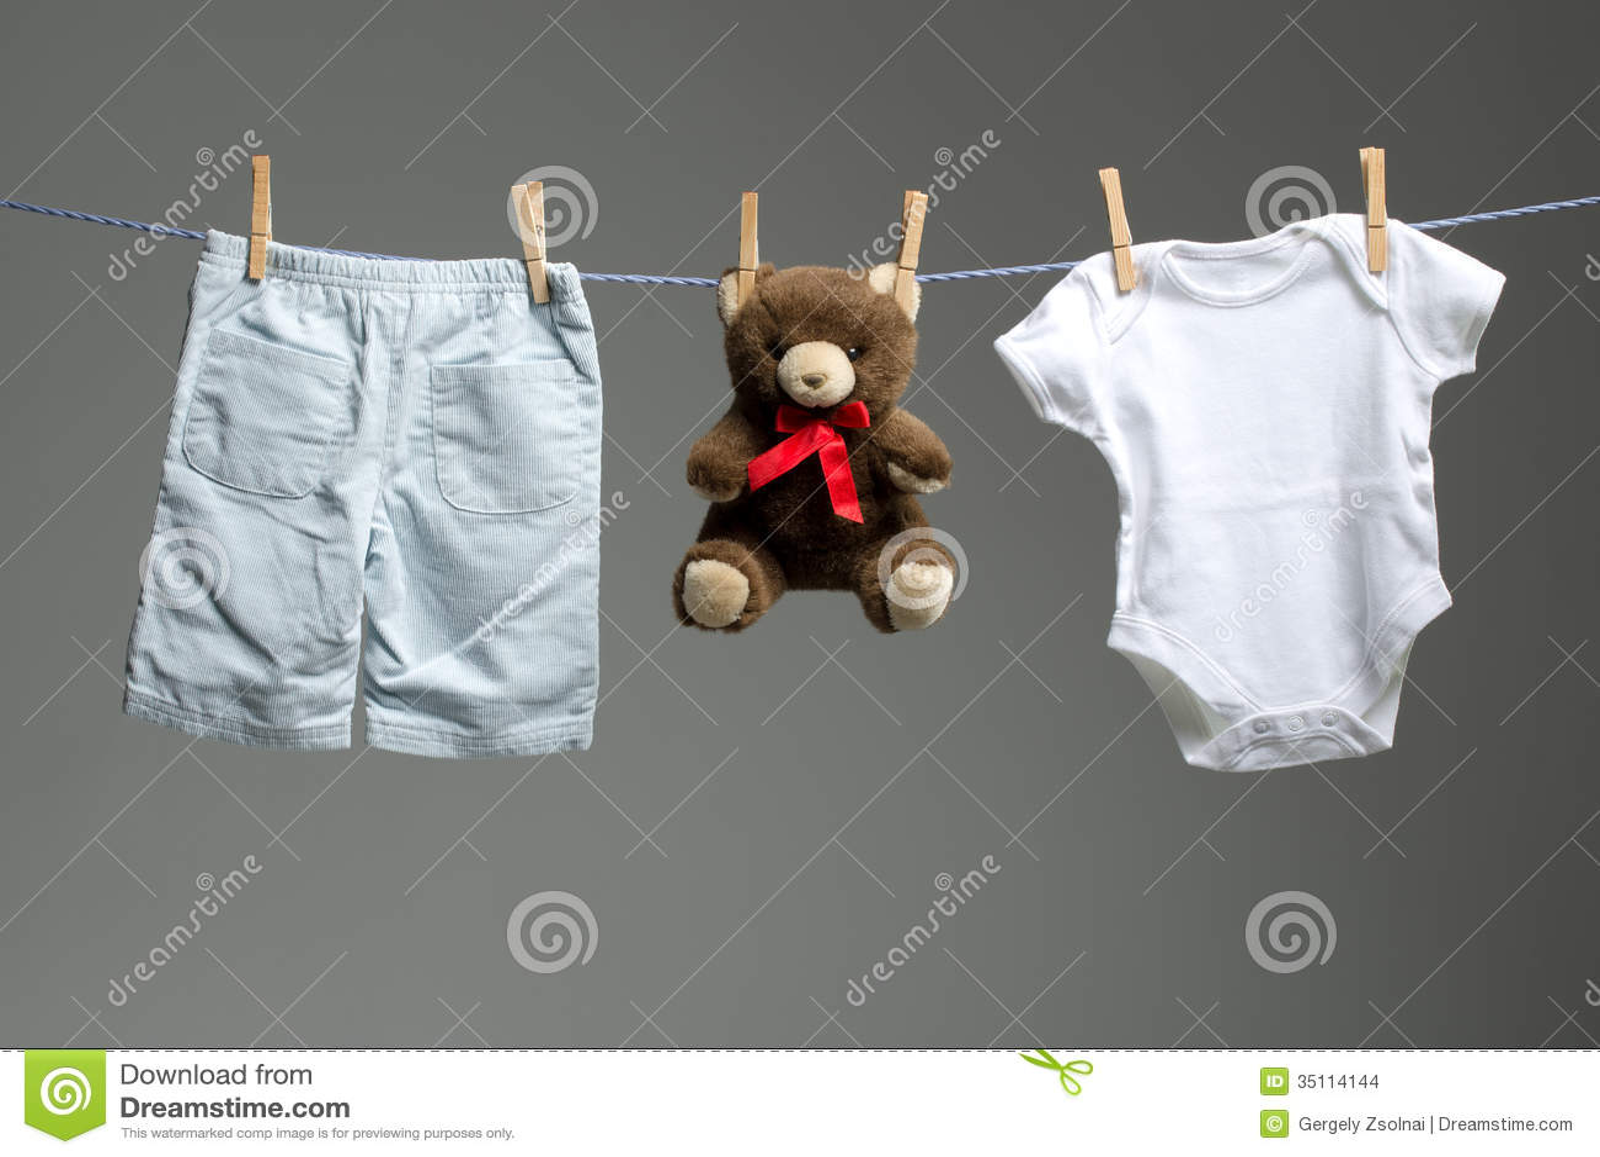 Baby Boy Clothes A Teddy Bear The Clothesline Stock